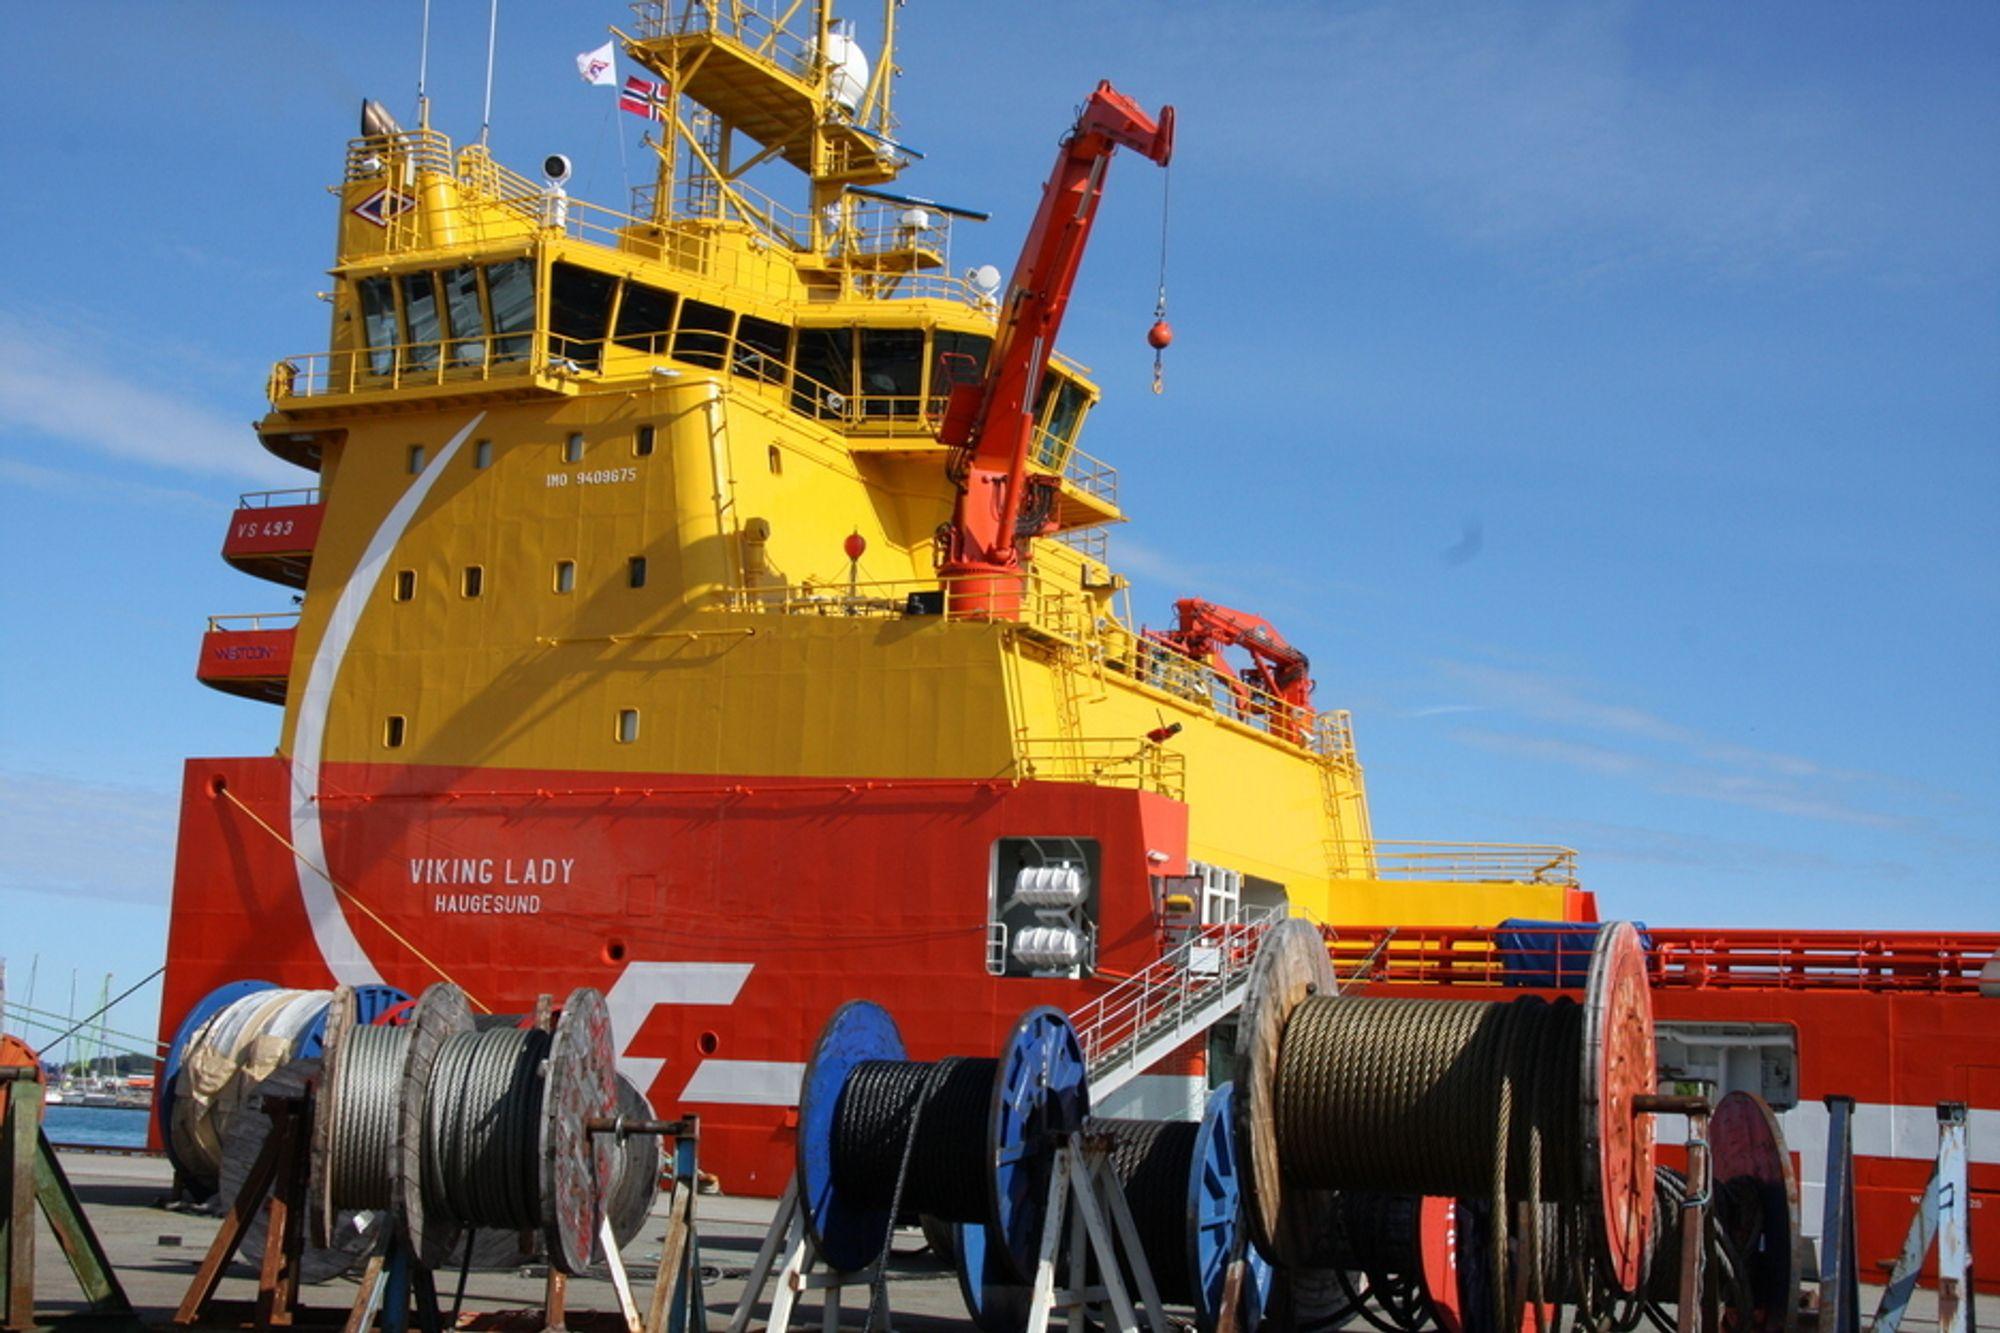 Viking Lady: Det er ikke bare den noe uvanlige plasseringen av overbygg som gjør at Viking Lady skiller seg ut: LNG-motorer, brenselcelle og batteripakke er teknologisk mer utfordrende.